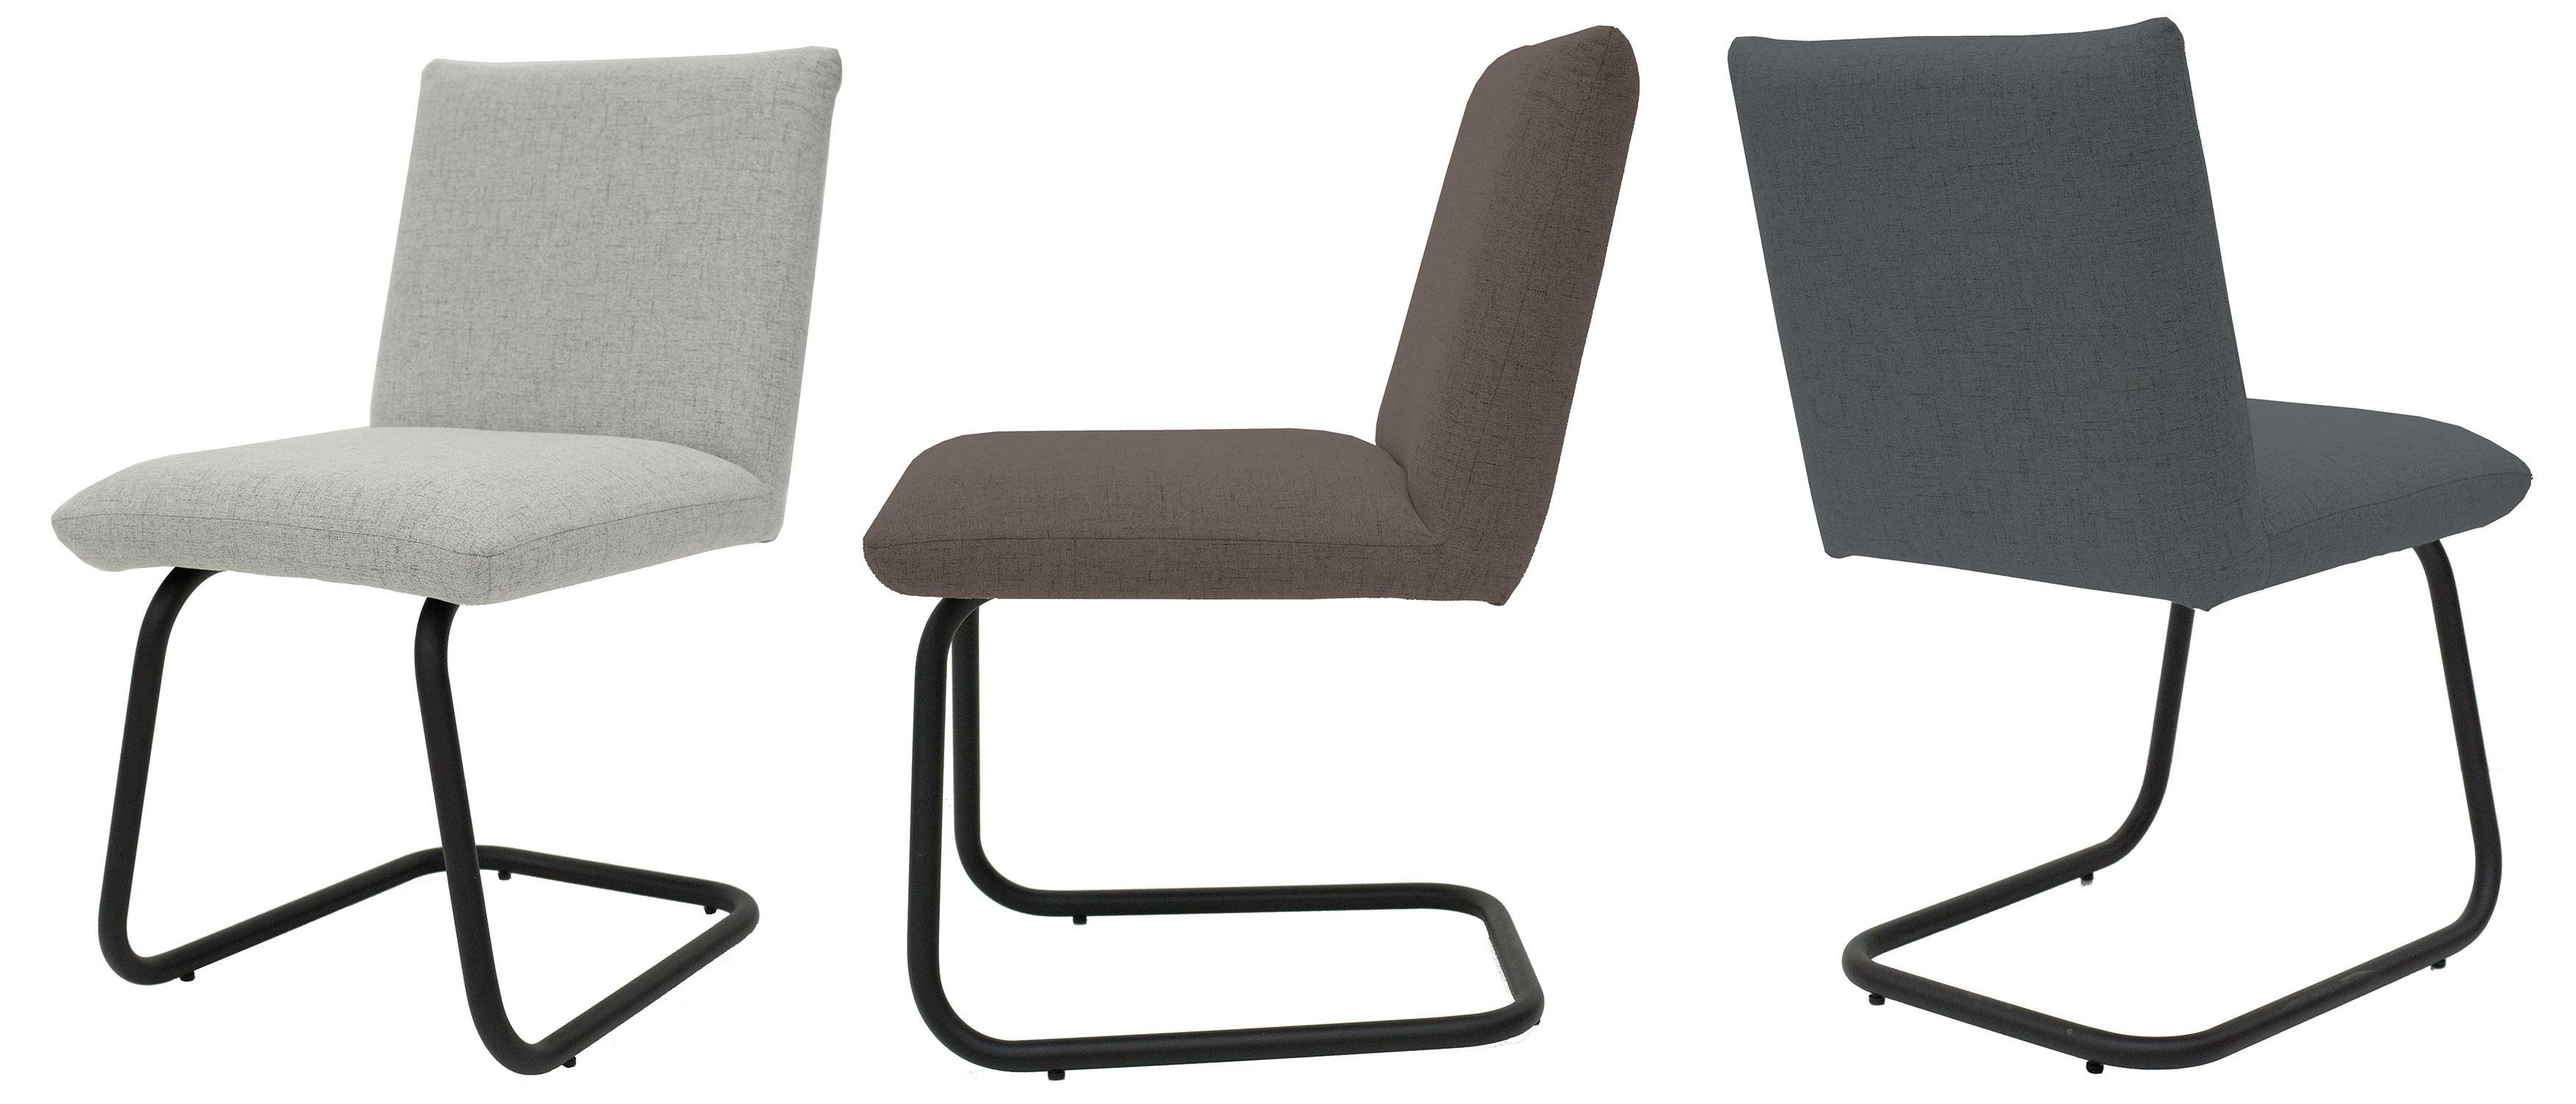 Standard Furniture Padua Schwingstühle in vielen Farben